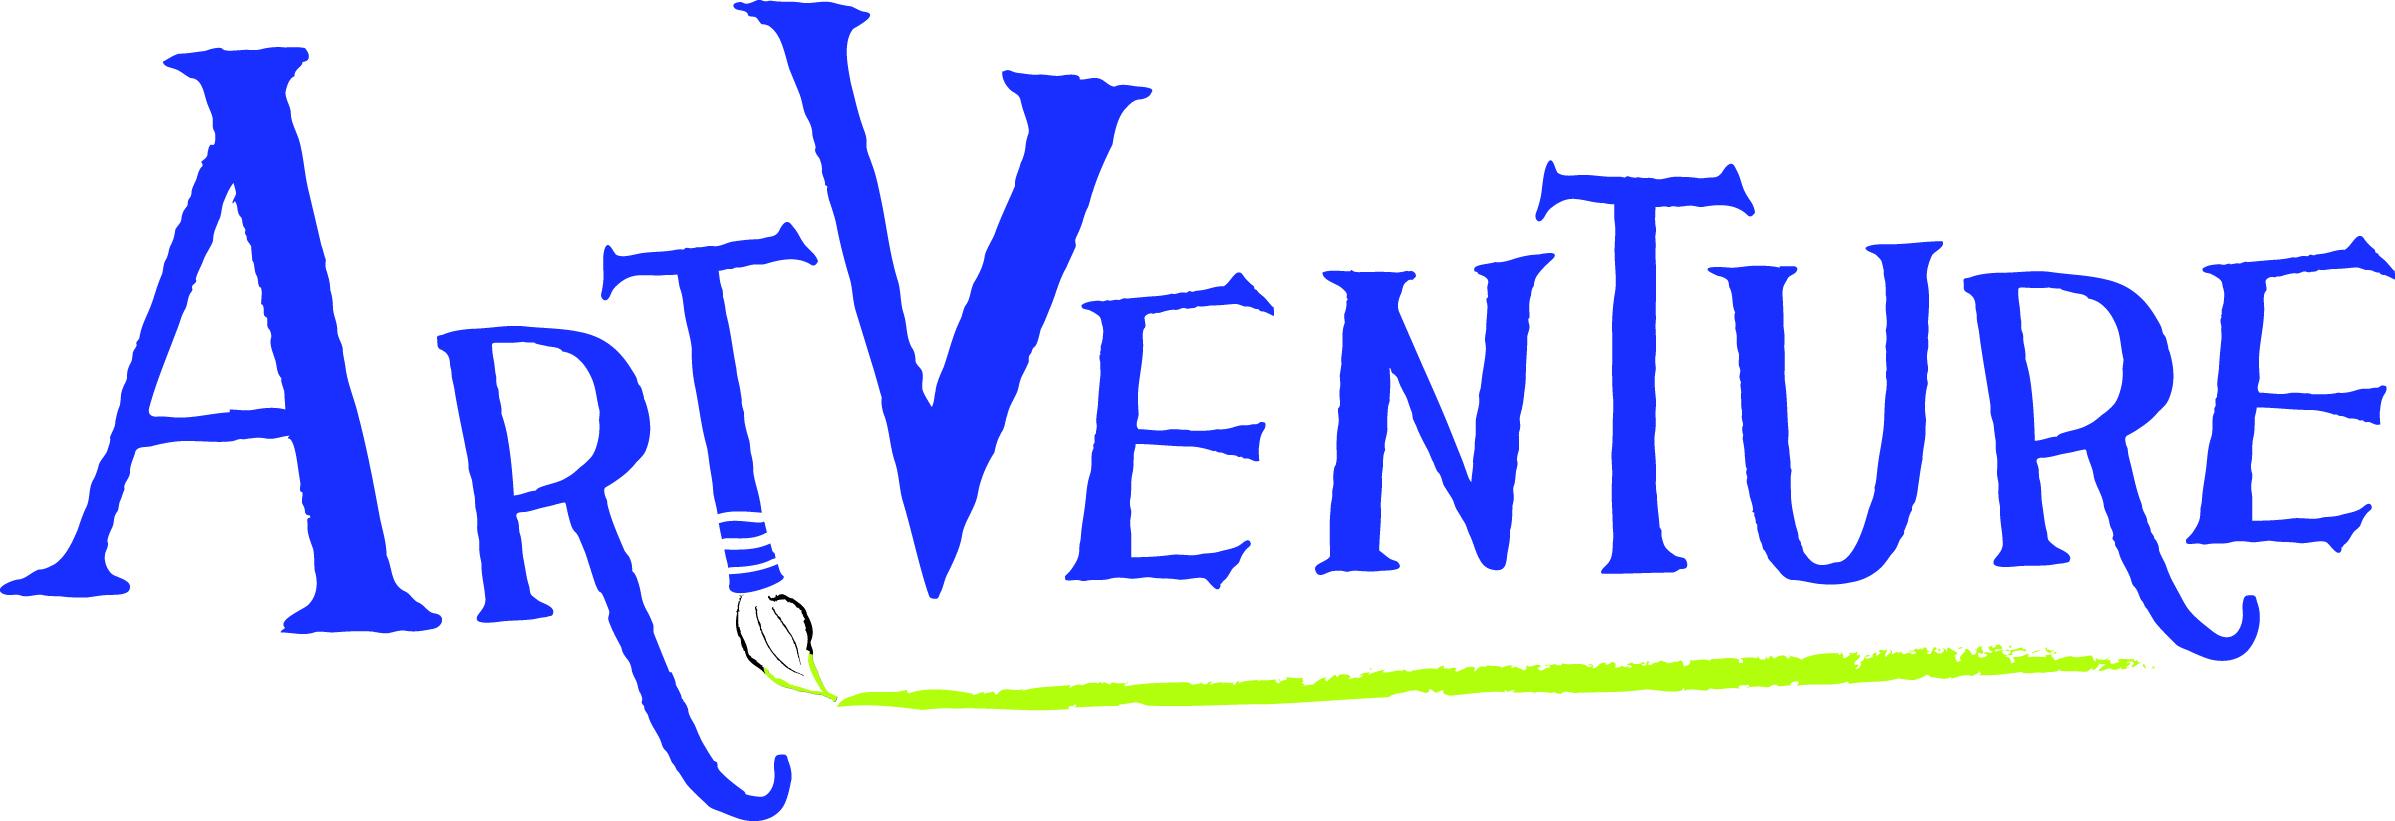 nkartventure logo.jpg